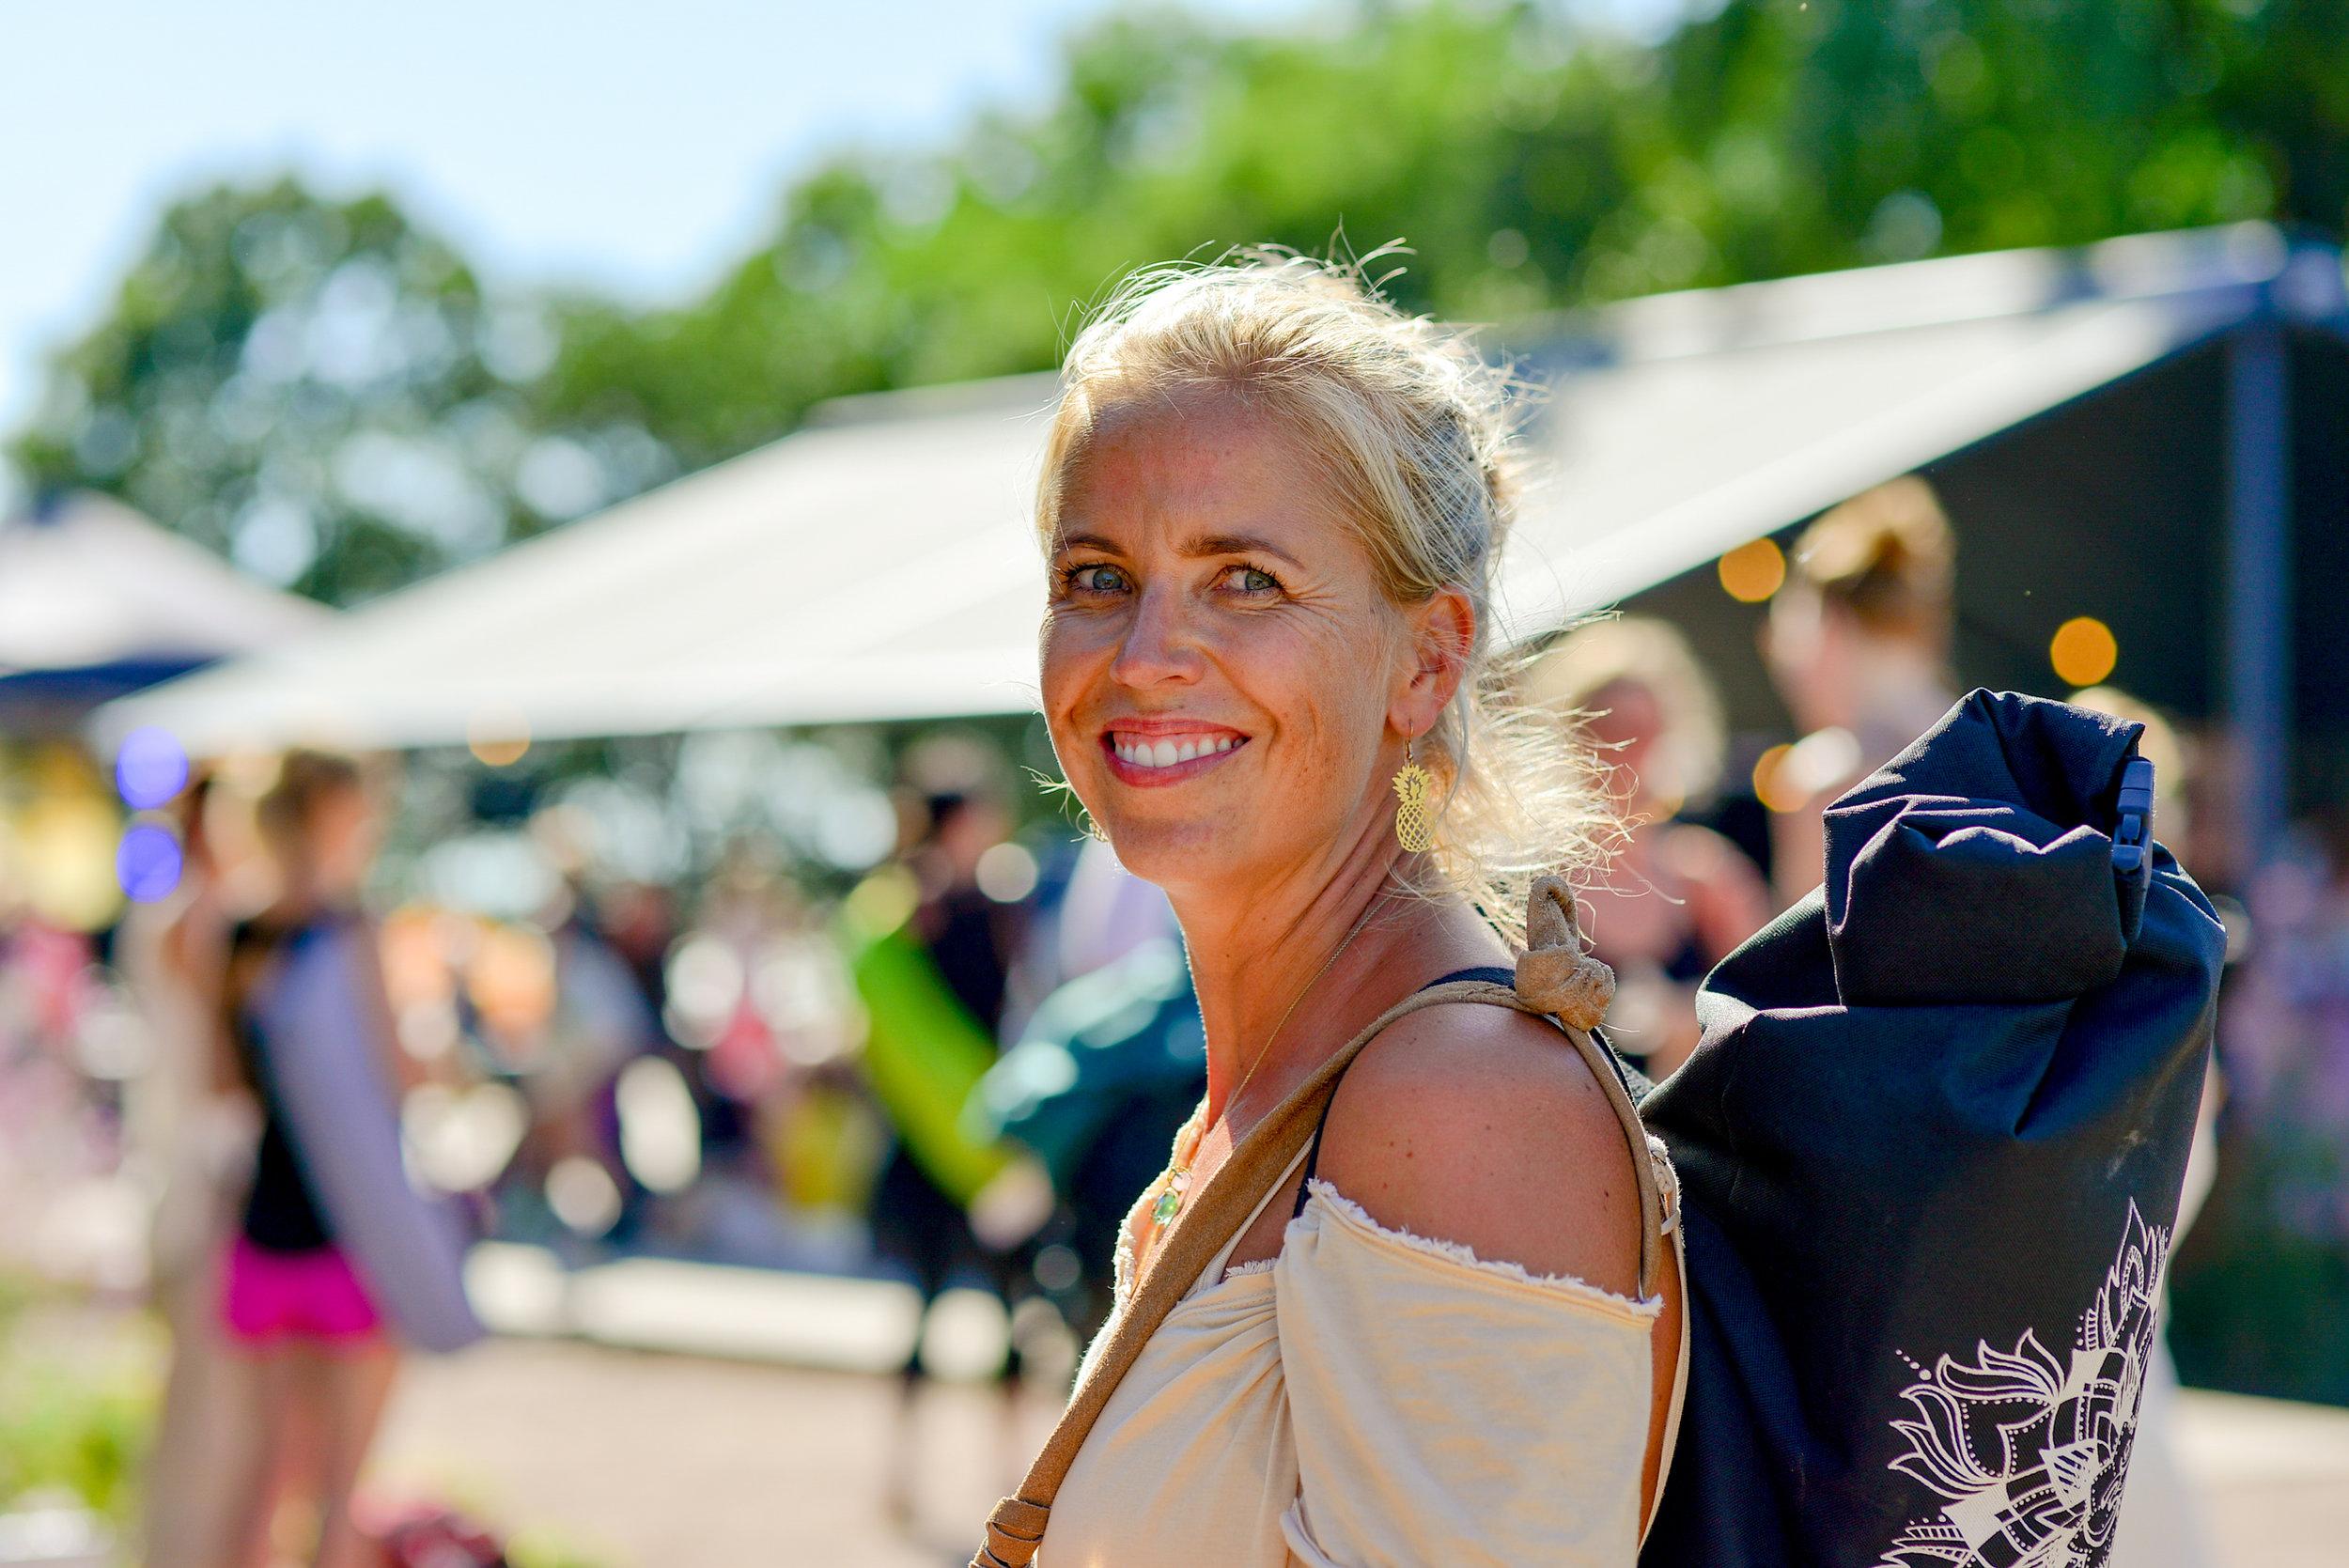 Kuva: Magnesia Festival / Matti Keski-Kohtamäki